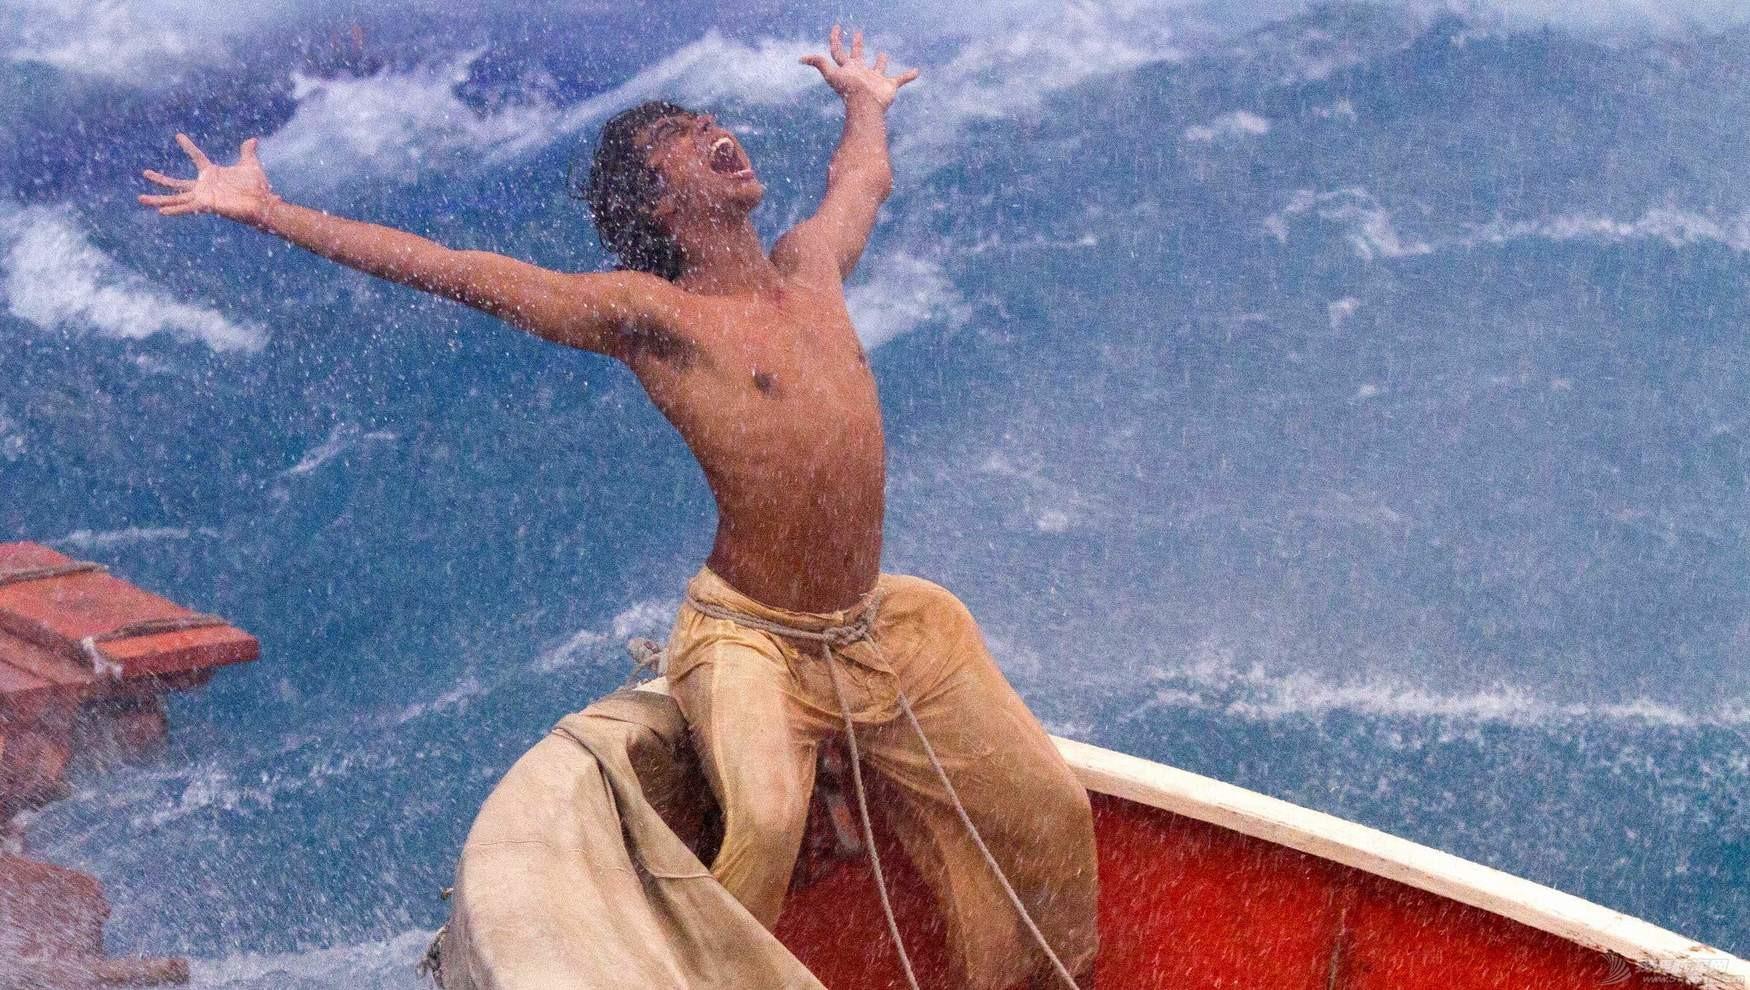 """大航海时代,帆船 艇好玩""""五·一""""特别活动:海上丝绸之路——豪华帆船带您重回大航海时代[三亚 深圳] 229546.jpg"""